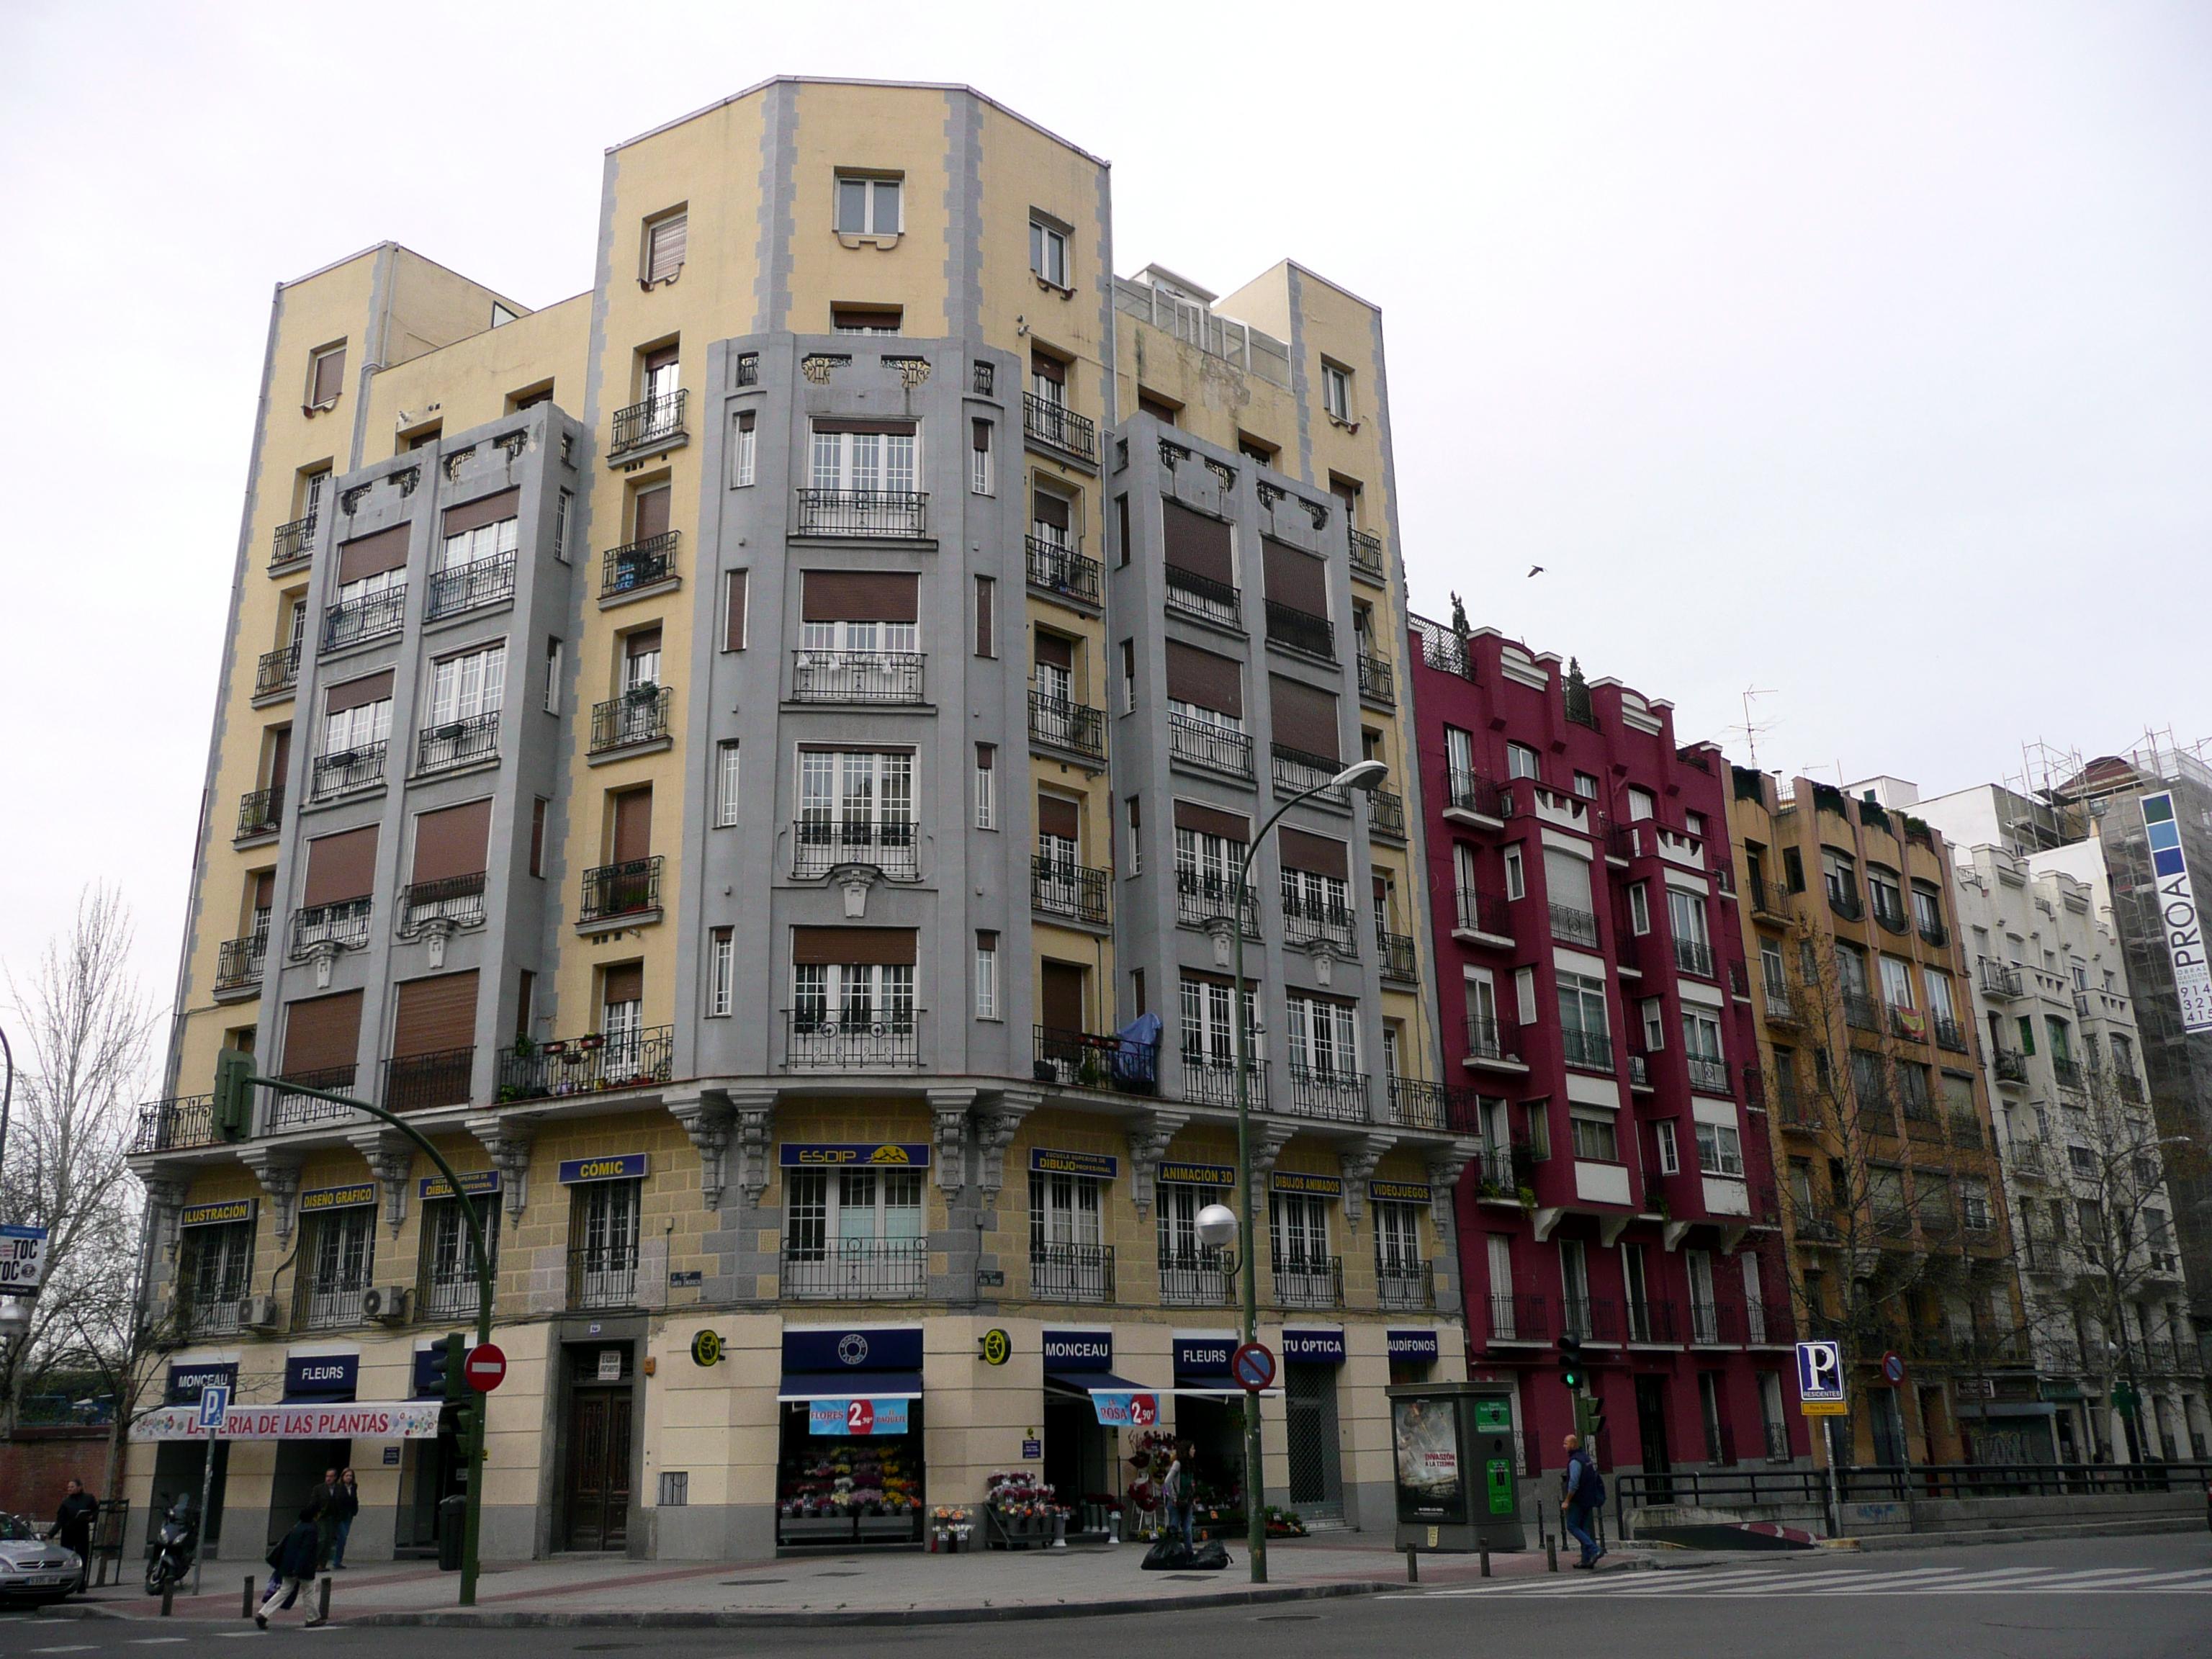 Archivo Edificio De Viviendas En La Calle Santa Engracia 129 De